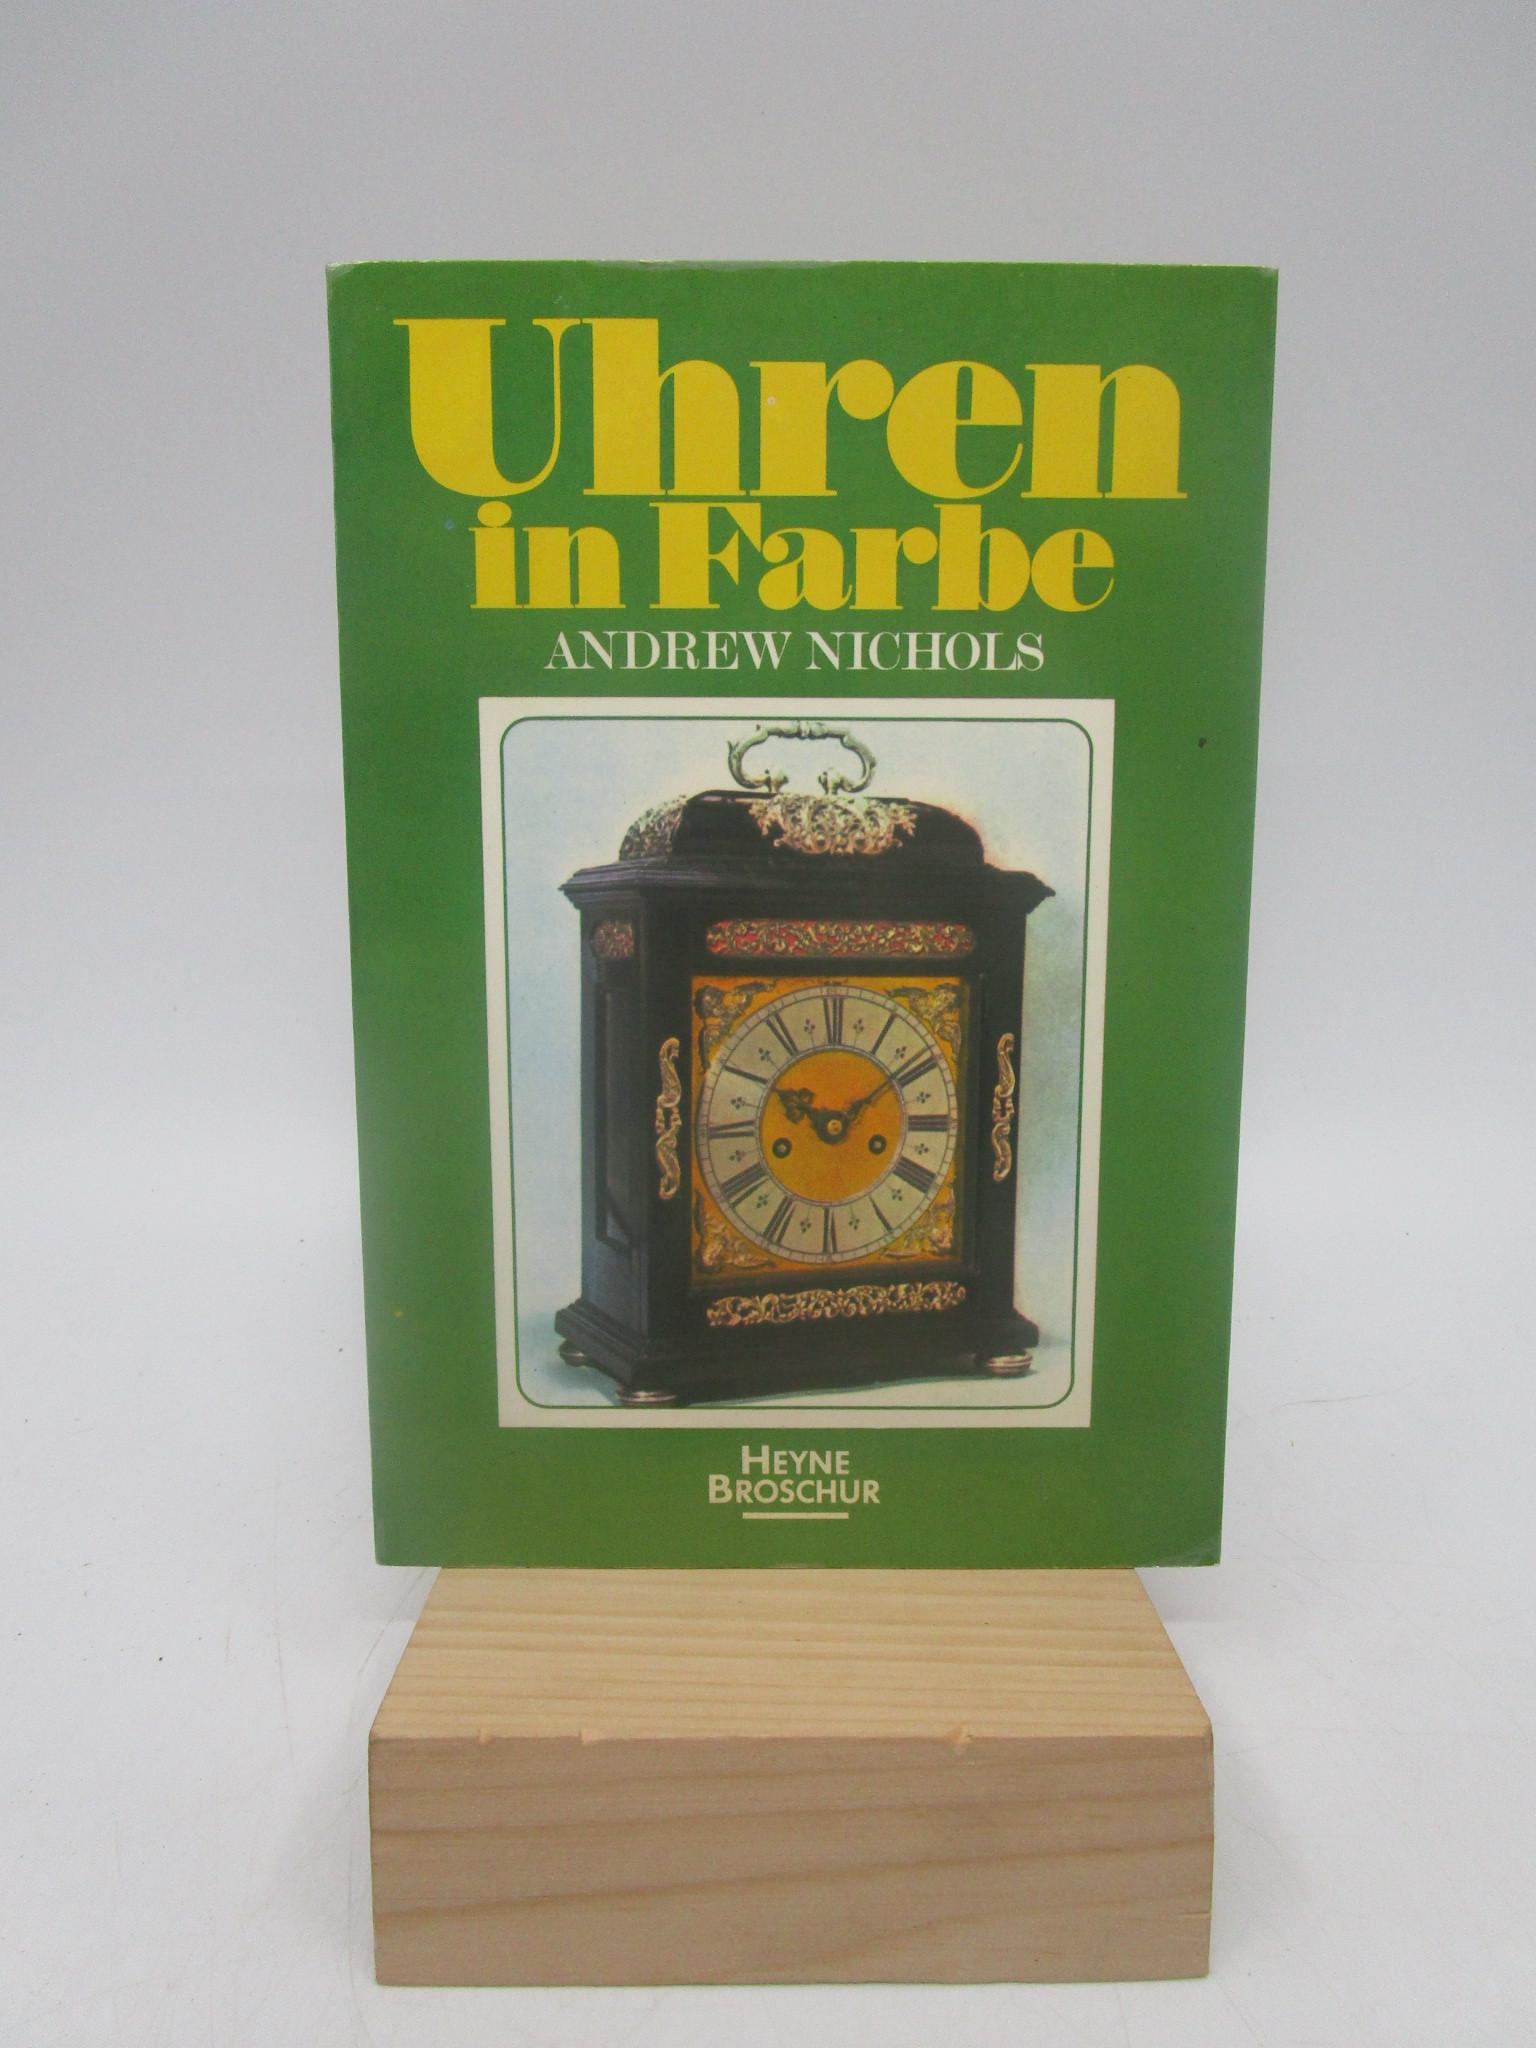 Image for Uhren in Farbe (Clocks in Color)